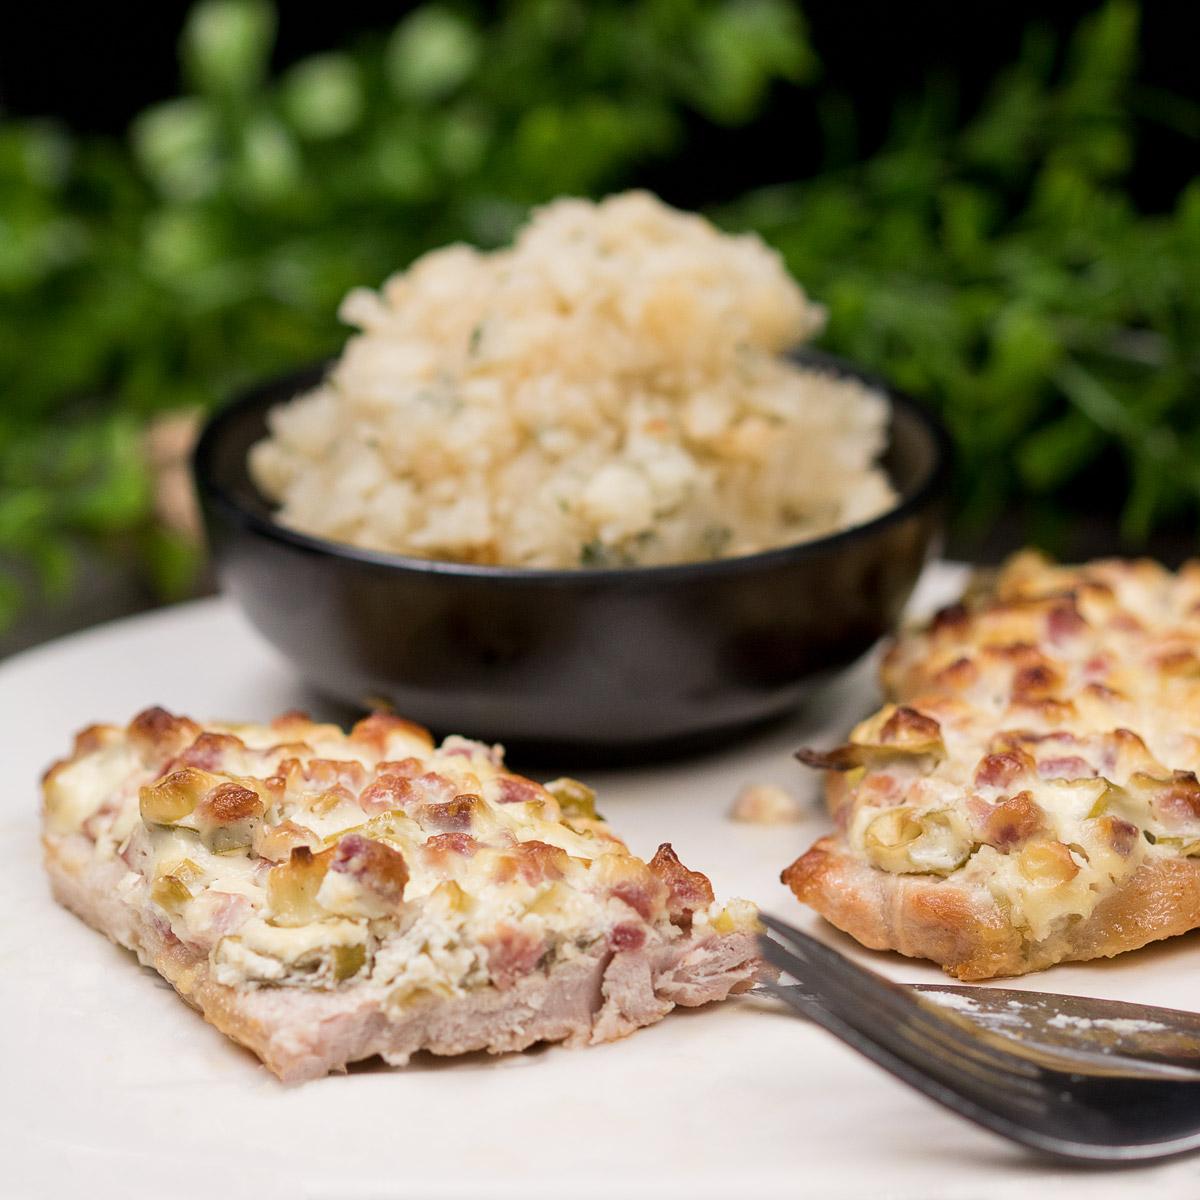 Das Schnitzel Elsässer art ist ein leckeres Low Carb Gericht..